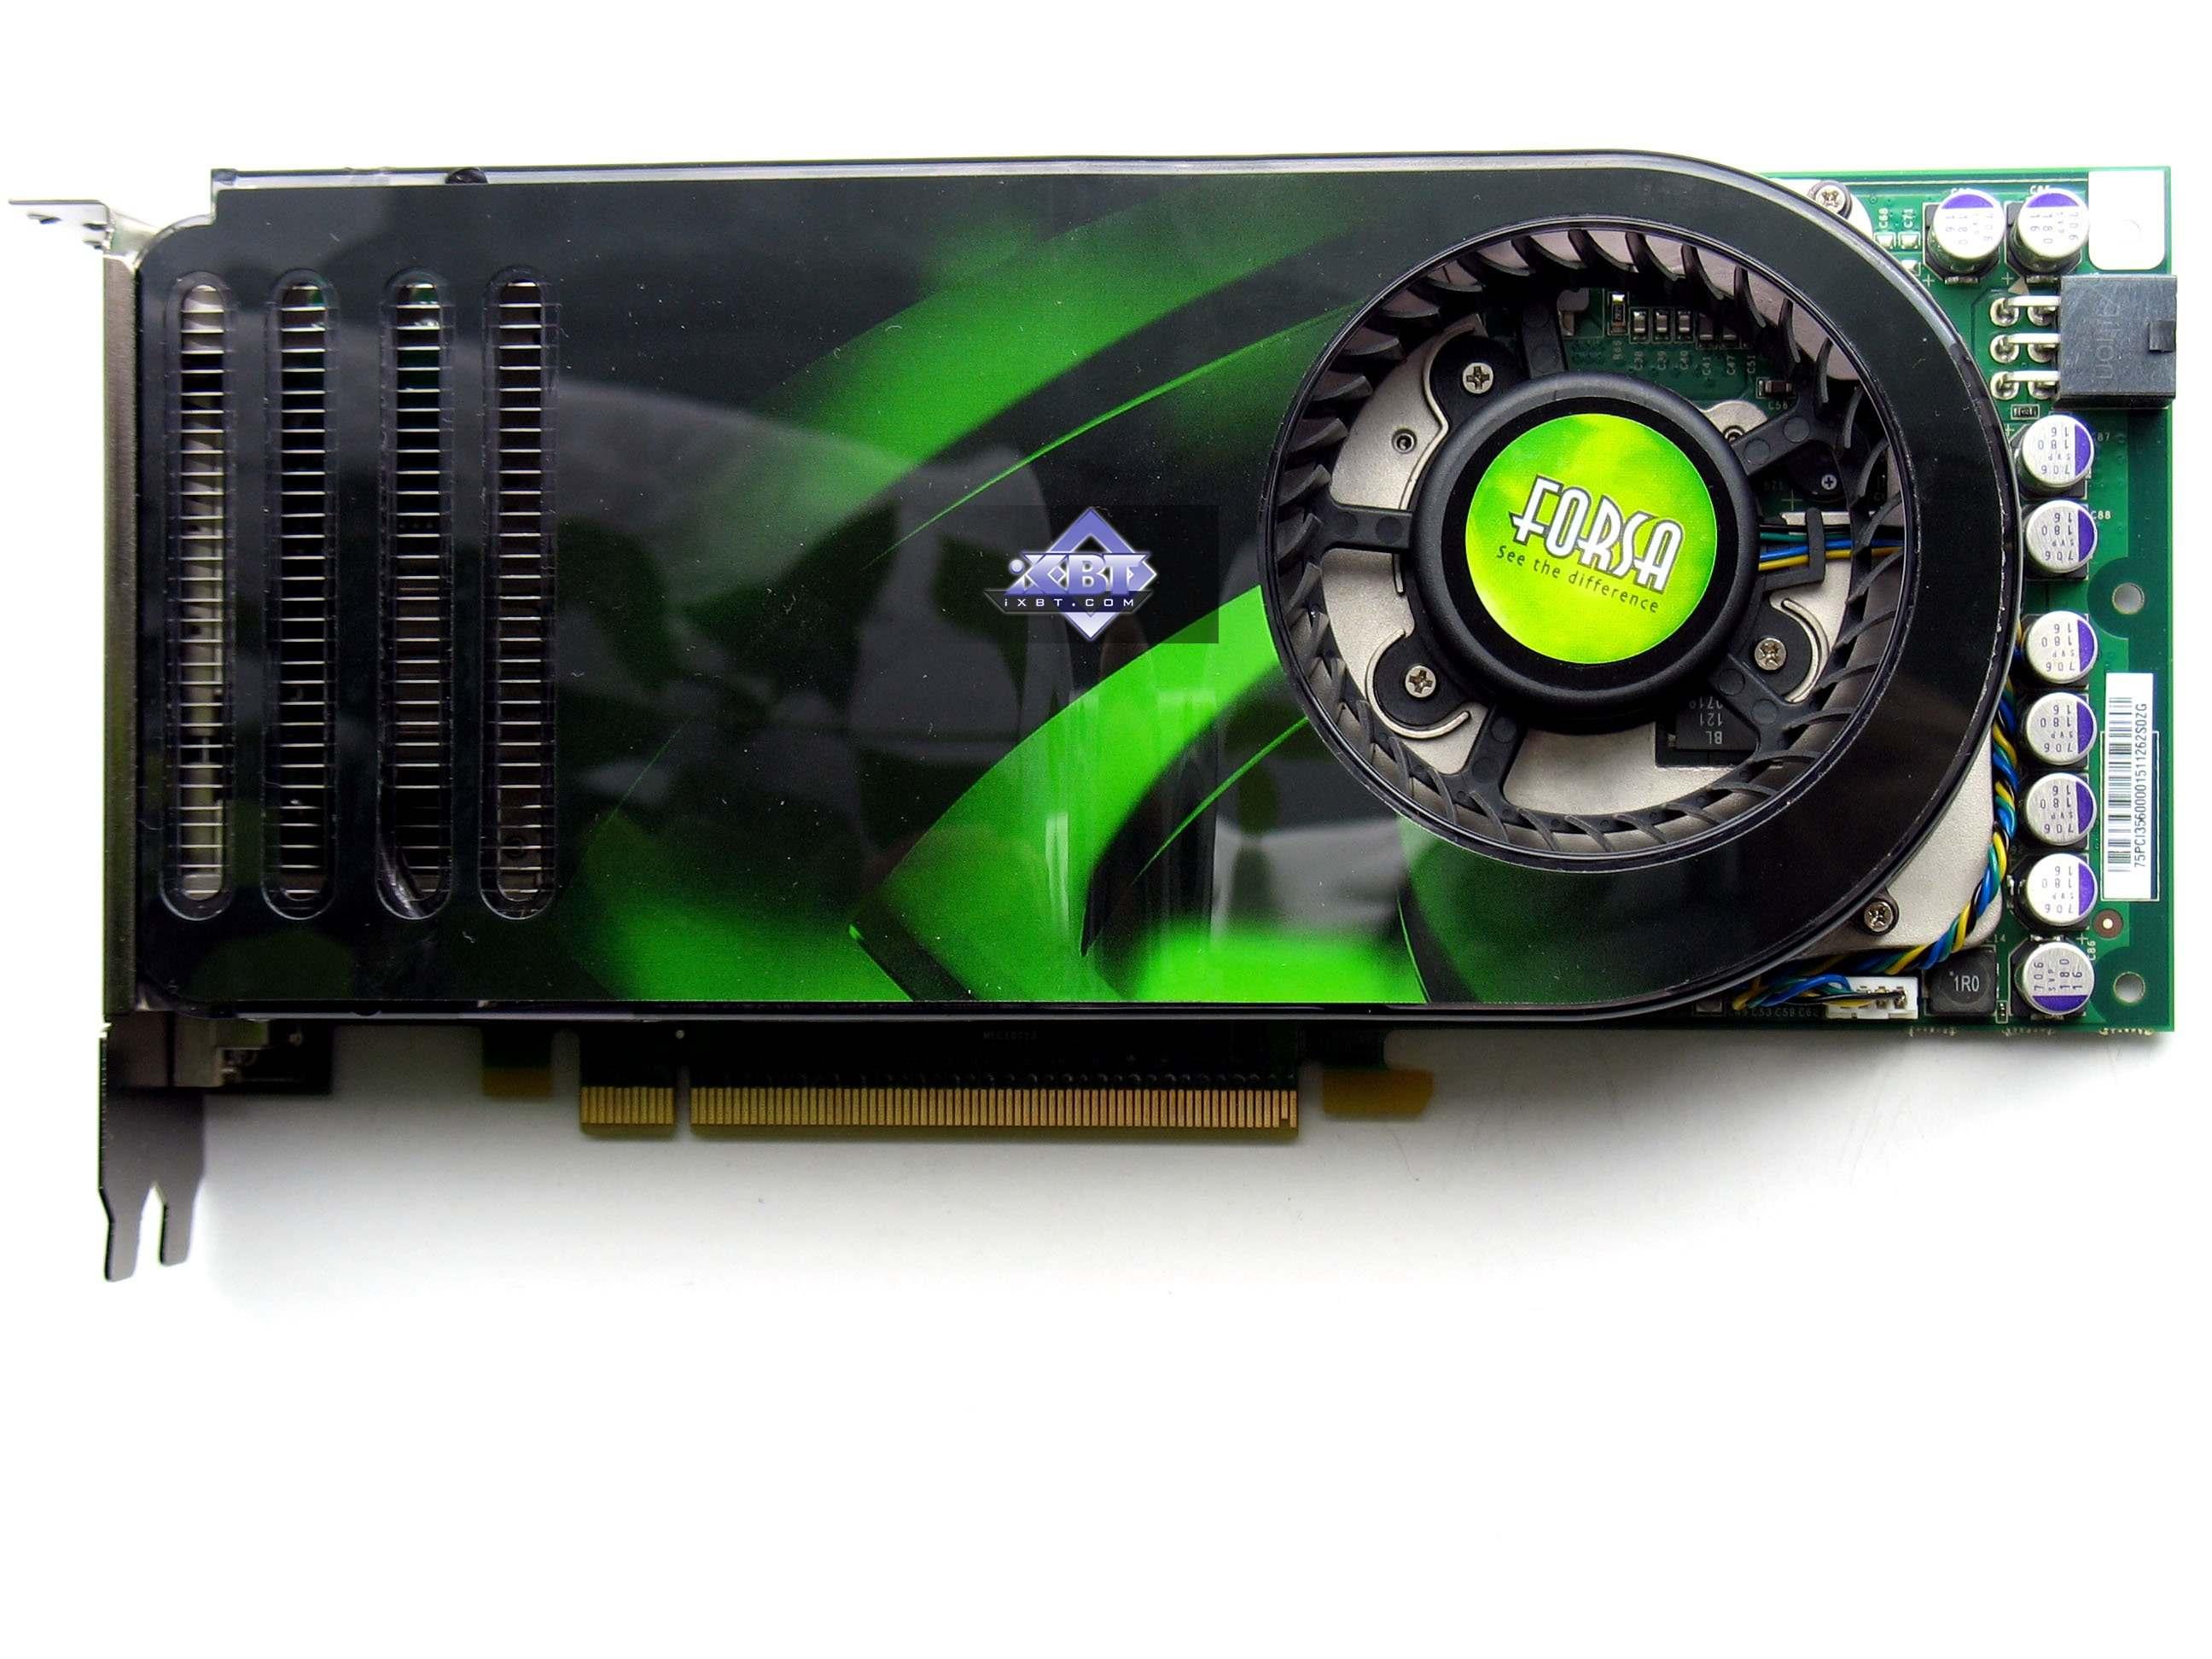 Nvidia geforce 8800 gs скачать драйвер бесплатно